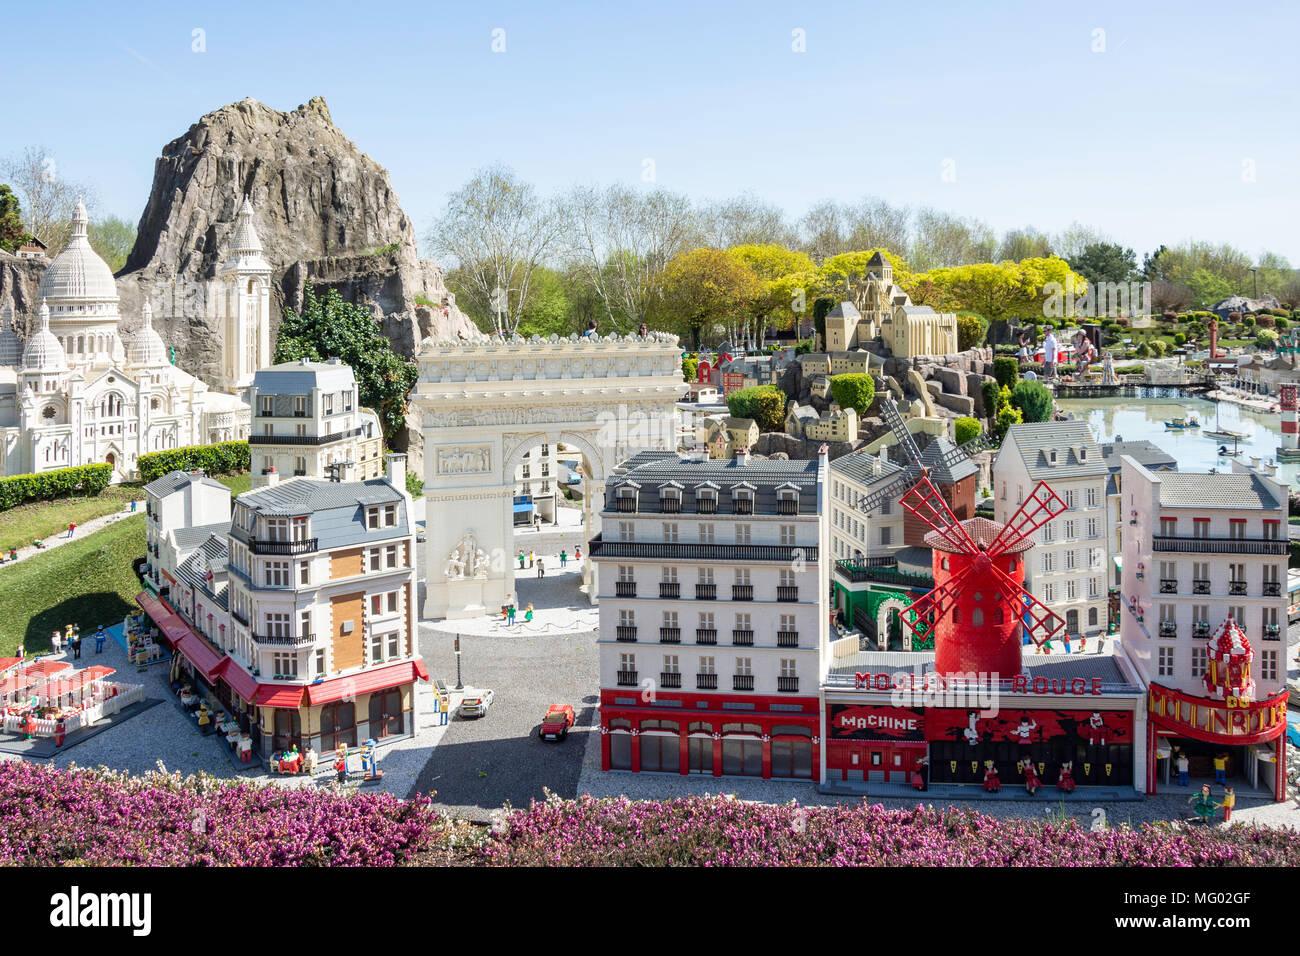 Pariser Sehenswürdigkeiten im Miniland Frankreich, Legoland Windsor, Windsor, Berkshire, England, Vereinigtes Königreich Stockbild